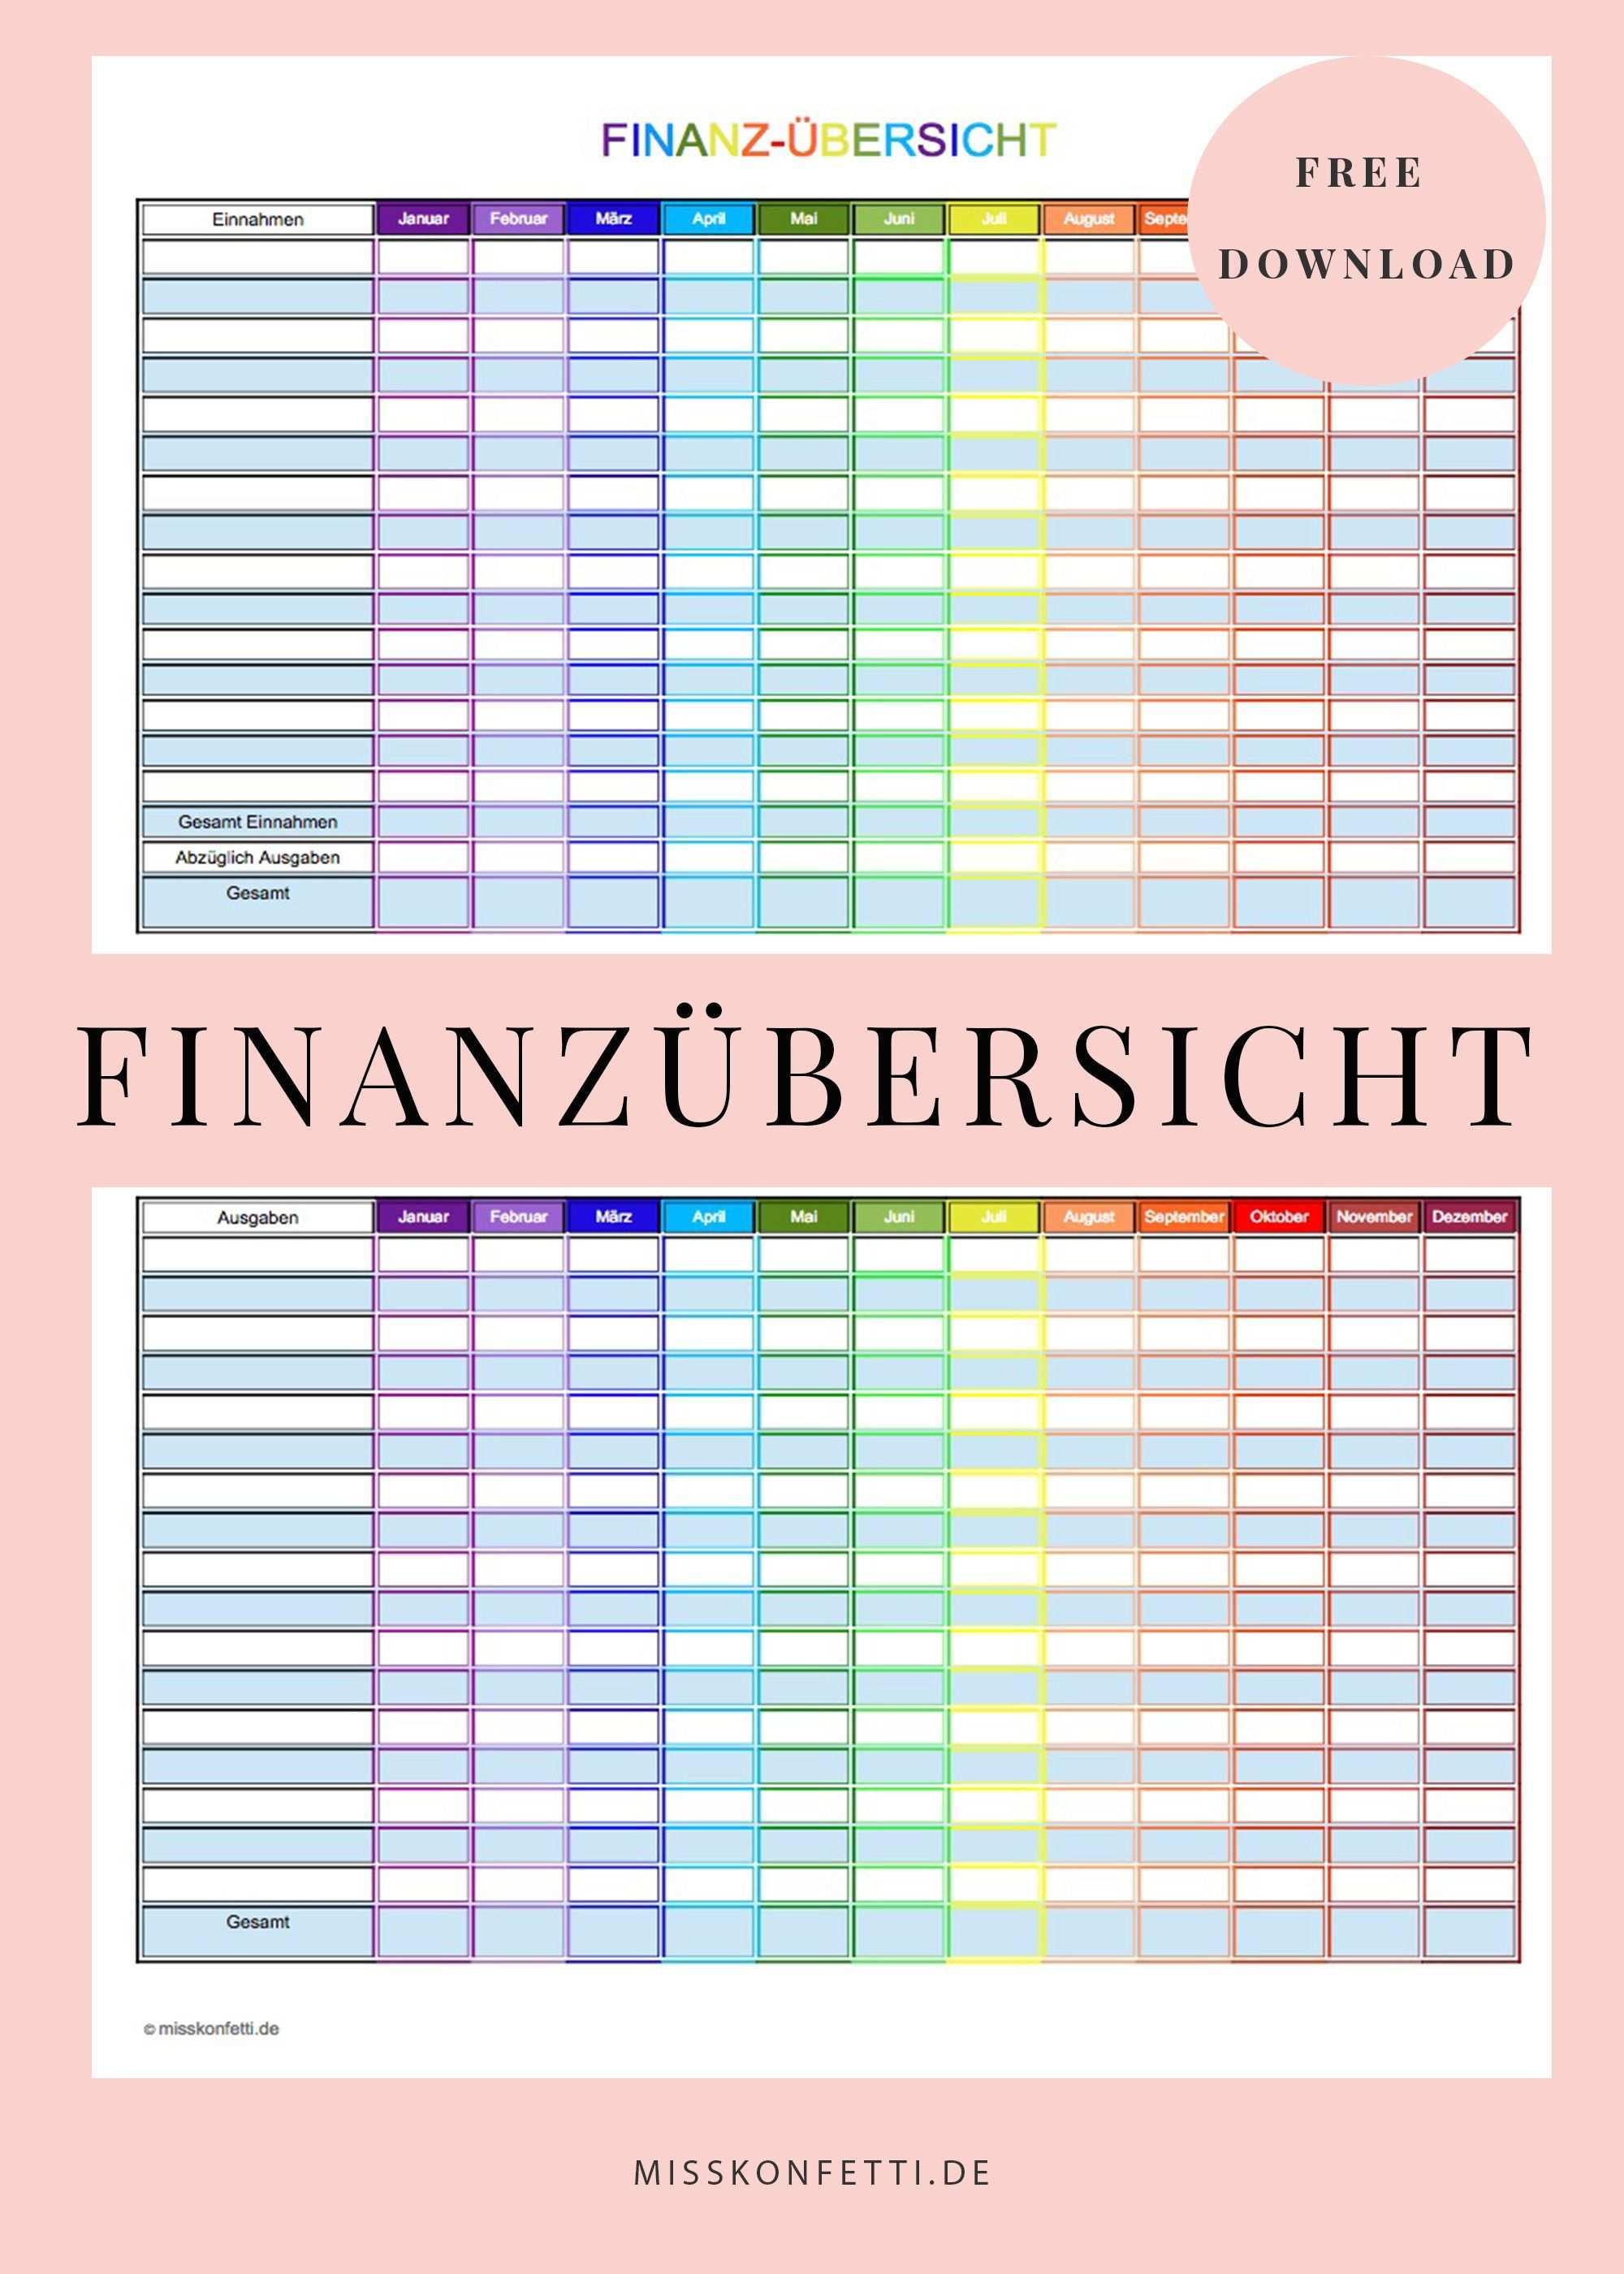 Finanzubersicht Fur Ein Haushaltsbuch Printable Fur Mehr Uberblick Bei Den Finanzen Miss Konfetti Haushaltsbuch Vorlage Haushaltsbuch Haushaltsbuch Fuhren